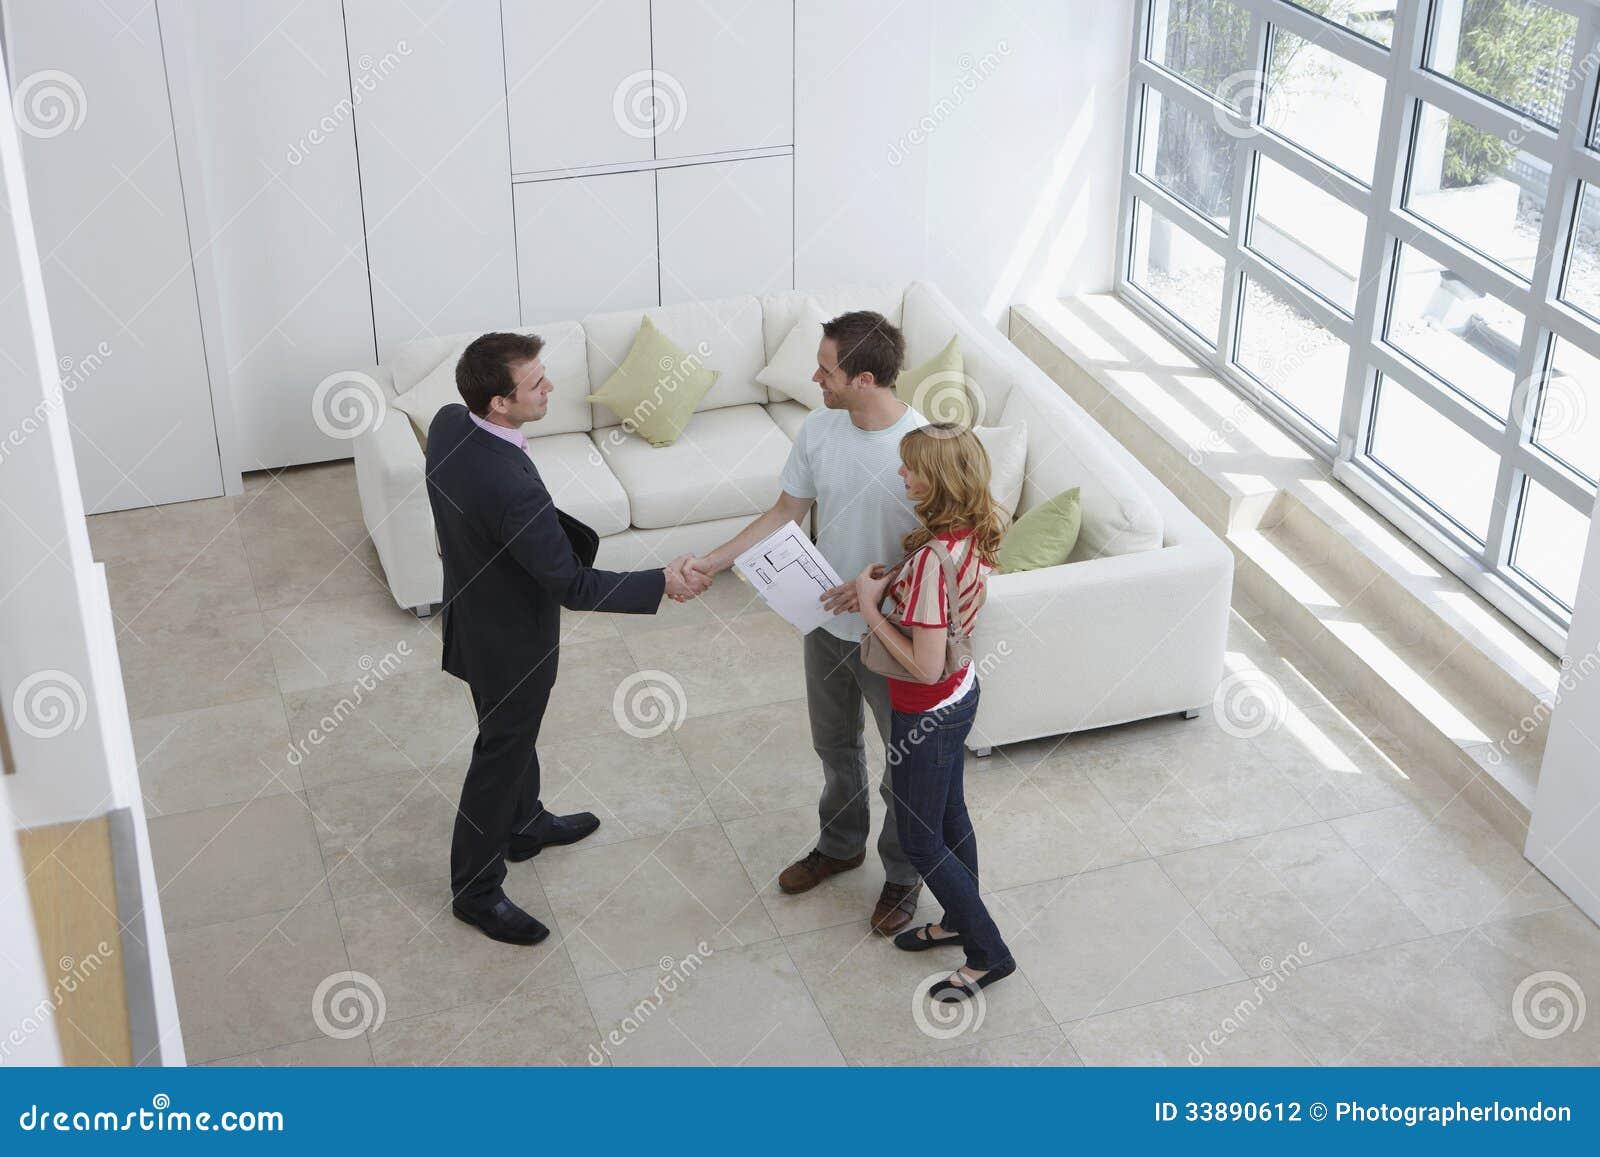 Immobilienagentur-Shaking Hands With-Mann durch Frau im neuen Haus